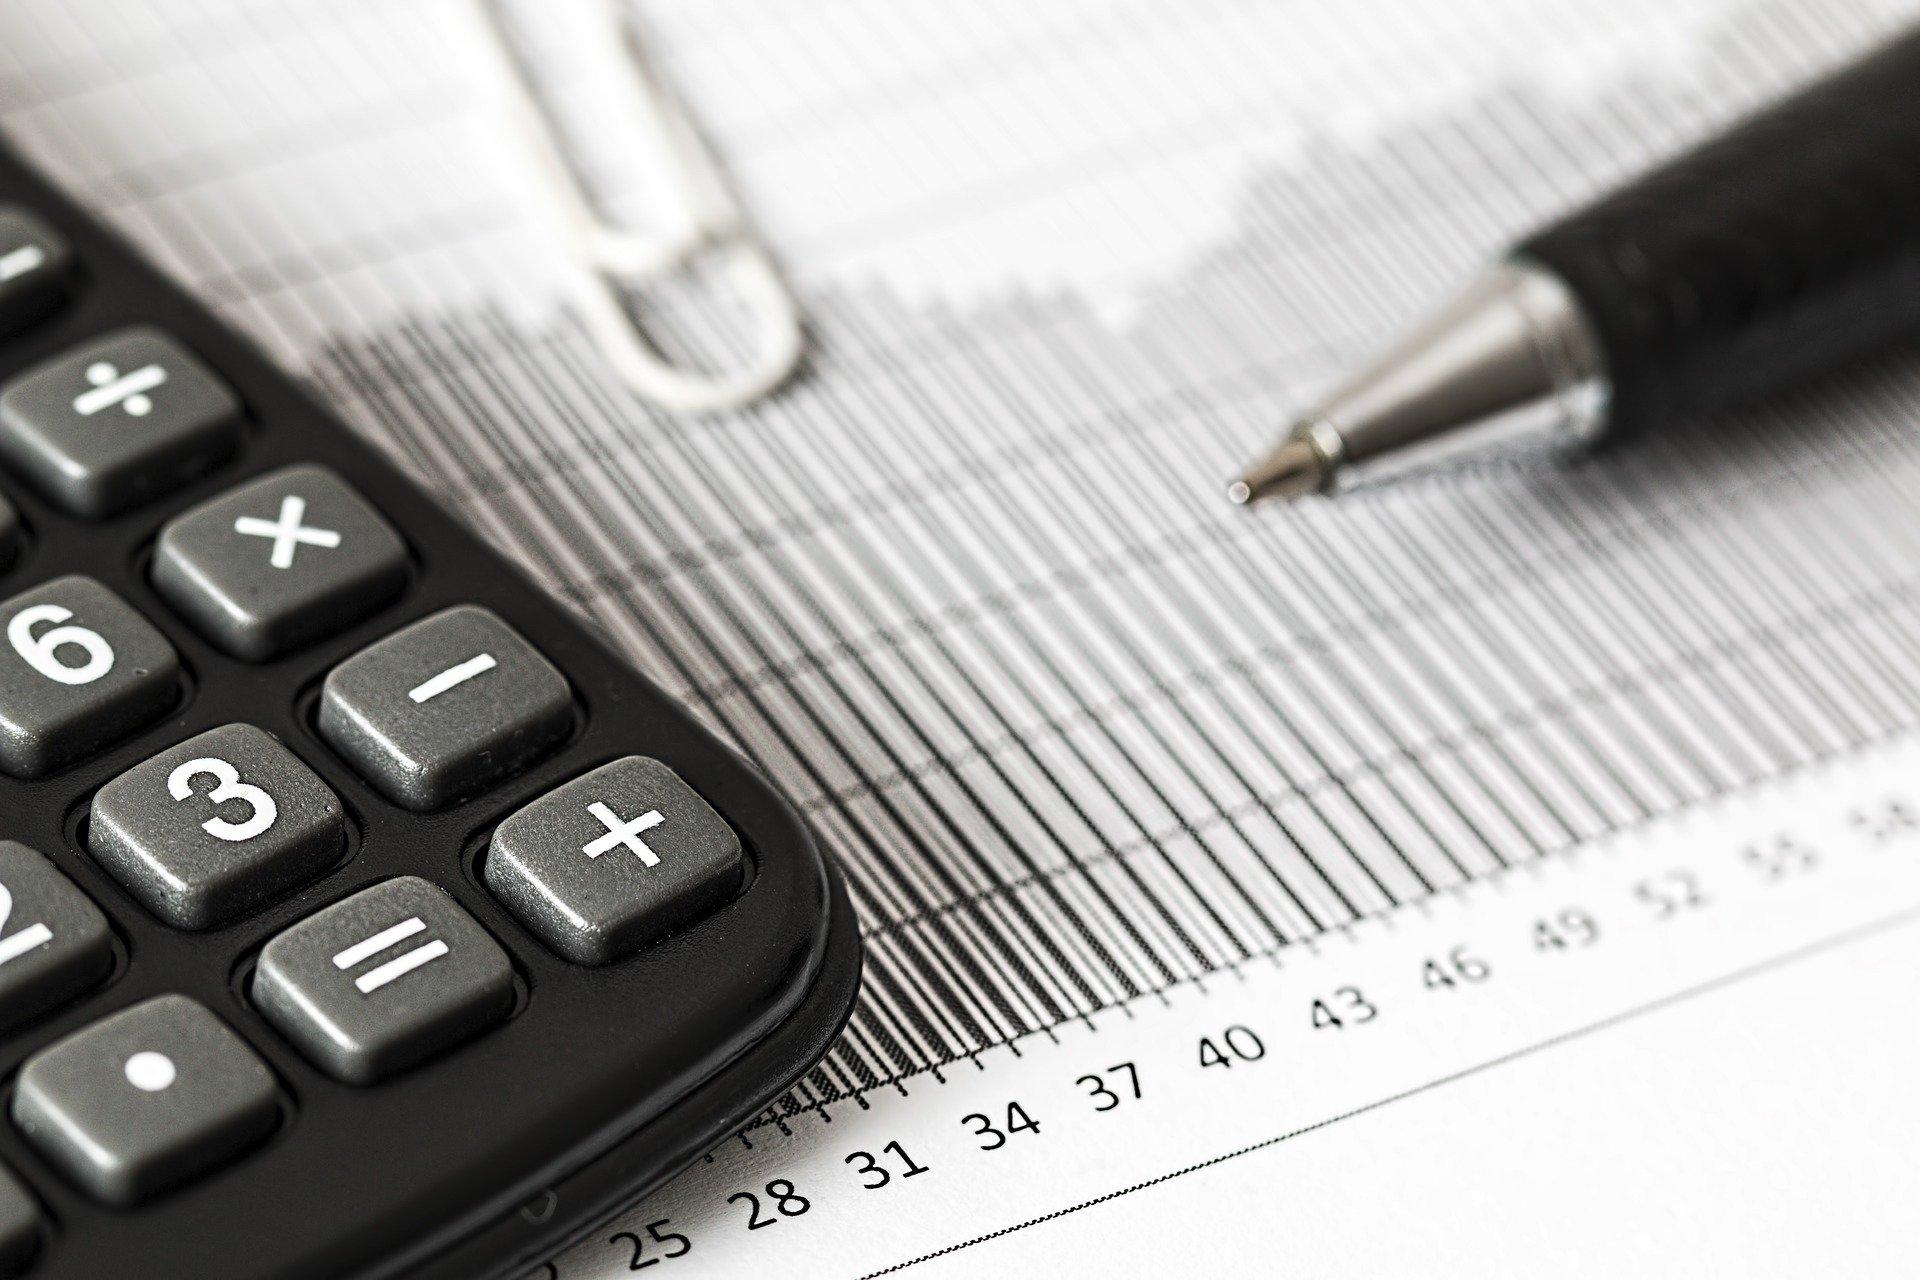 想像より簡単!?仮想通貨取引にかかる税金を解説 Vol.3